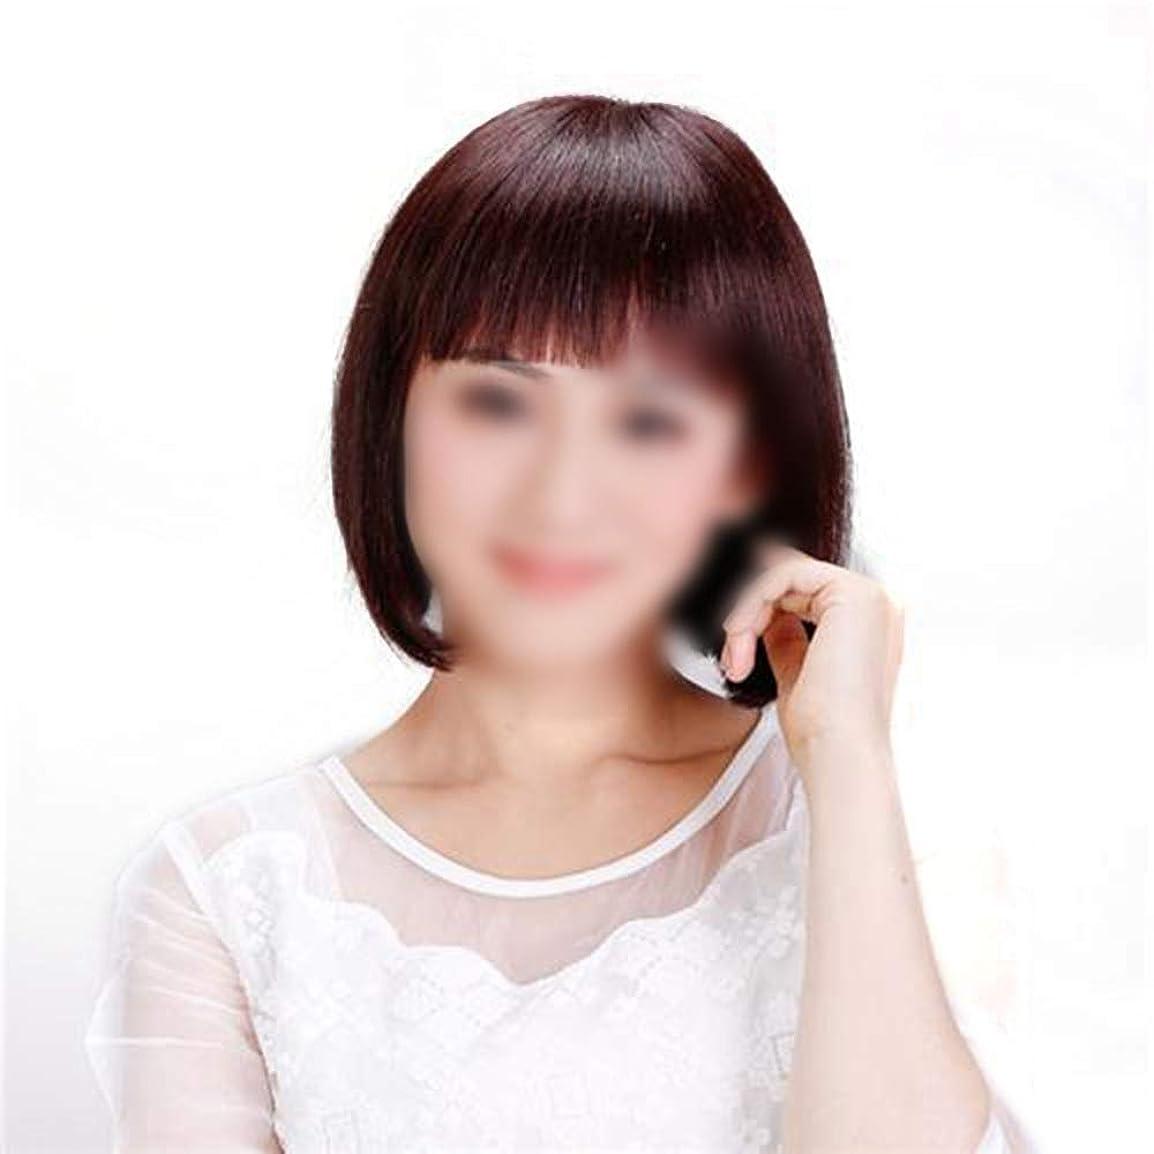 乗って剣リサイクルするYrattary 前髪のかつらを持つ甘いボブショートストレートヘアリアルヘアリアルウィッグファッションウィッグ (Color : Dark brown)